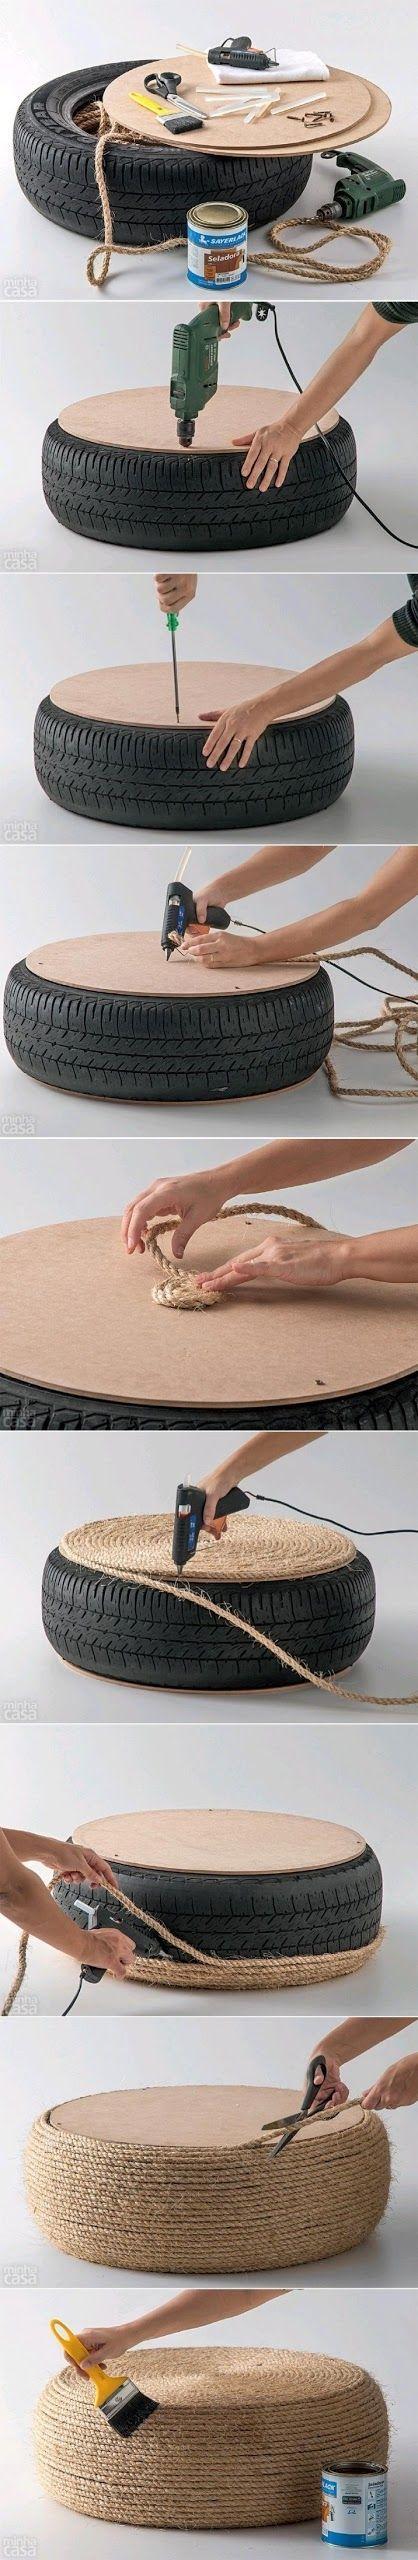 Bonjour à celles et ceux qui passent par mon blog Aujourd'hui je partage avec vous une idée que j'ai trouvé interessante et utile , l'idée c'est de transformer un pneu en pouf , et recycler ainsi le pneu pour réduire les déchets et c'est toujours bénéfique...